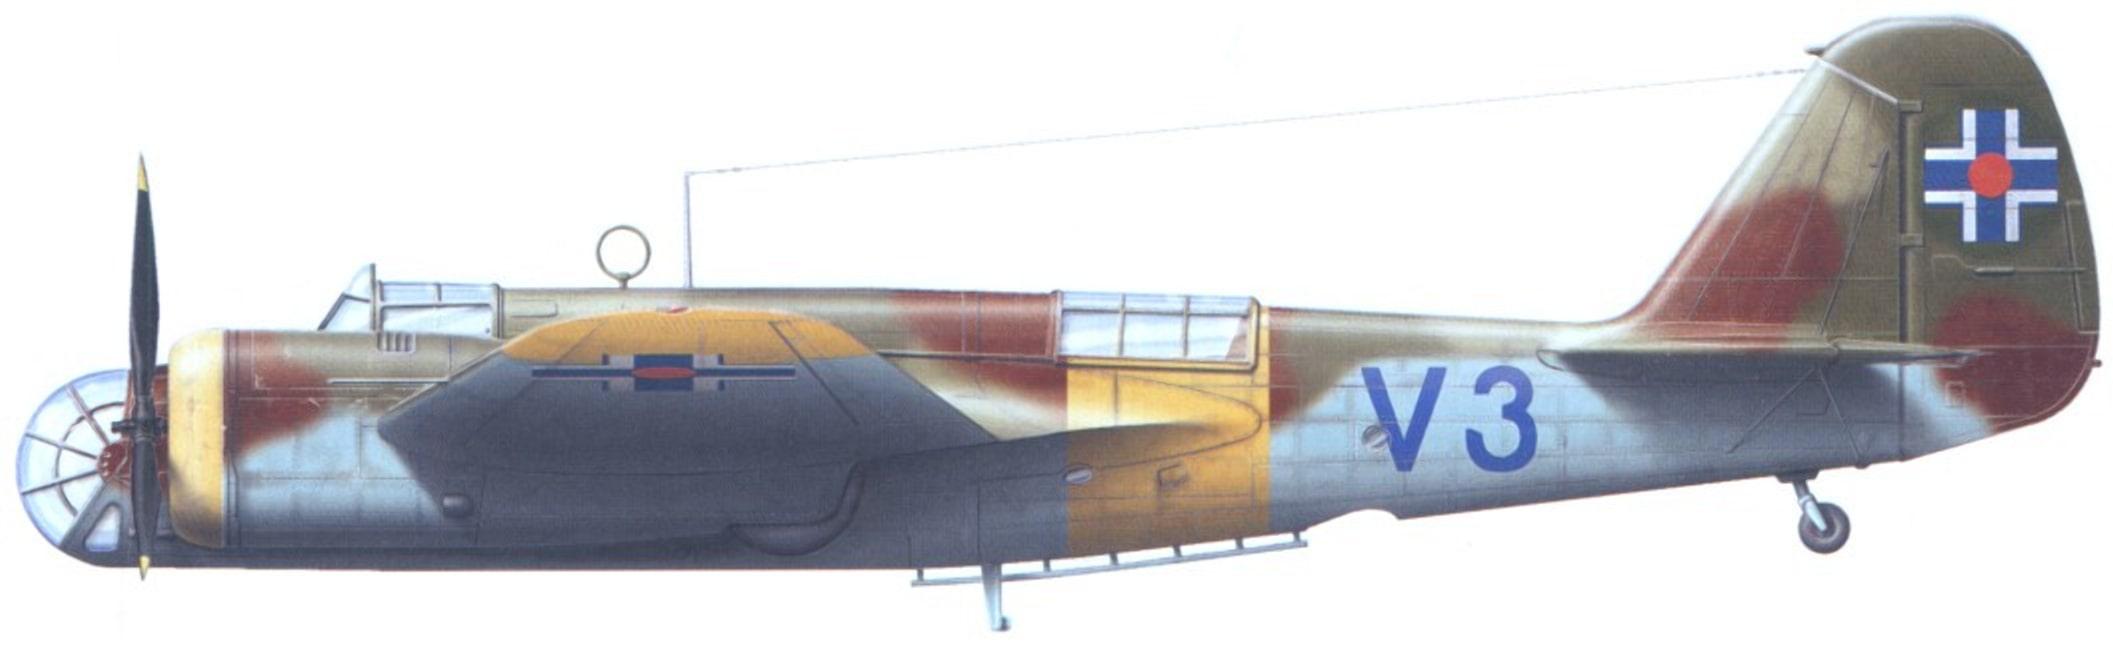 С этим словацким самолетом перепутали СБ капитана Щербакова